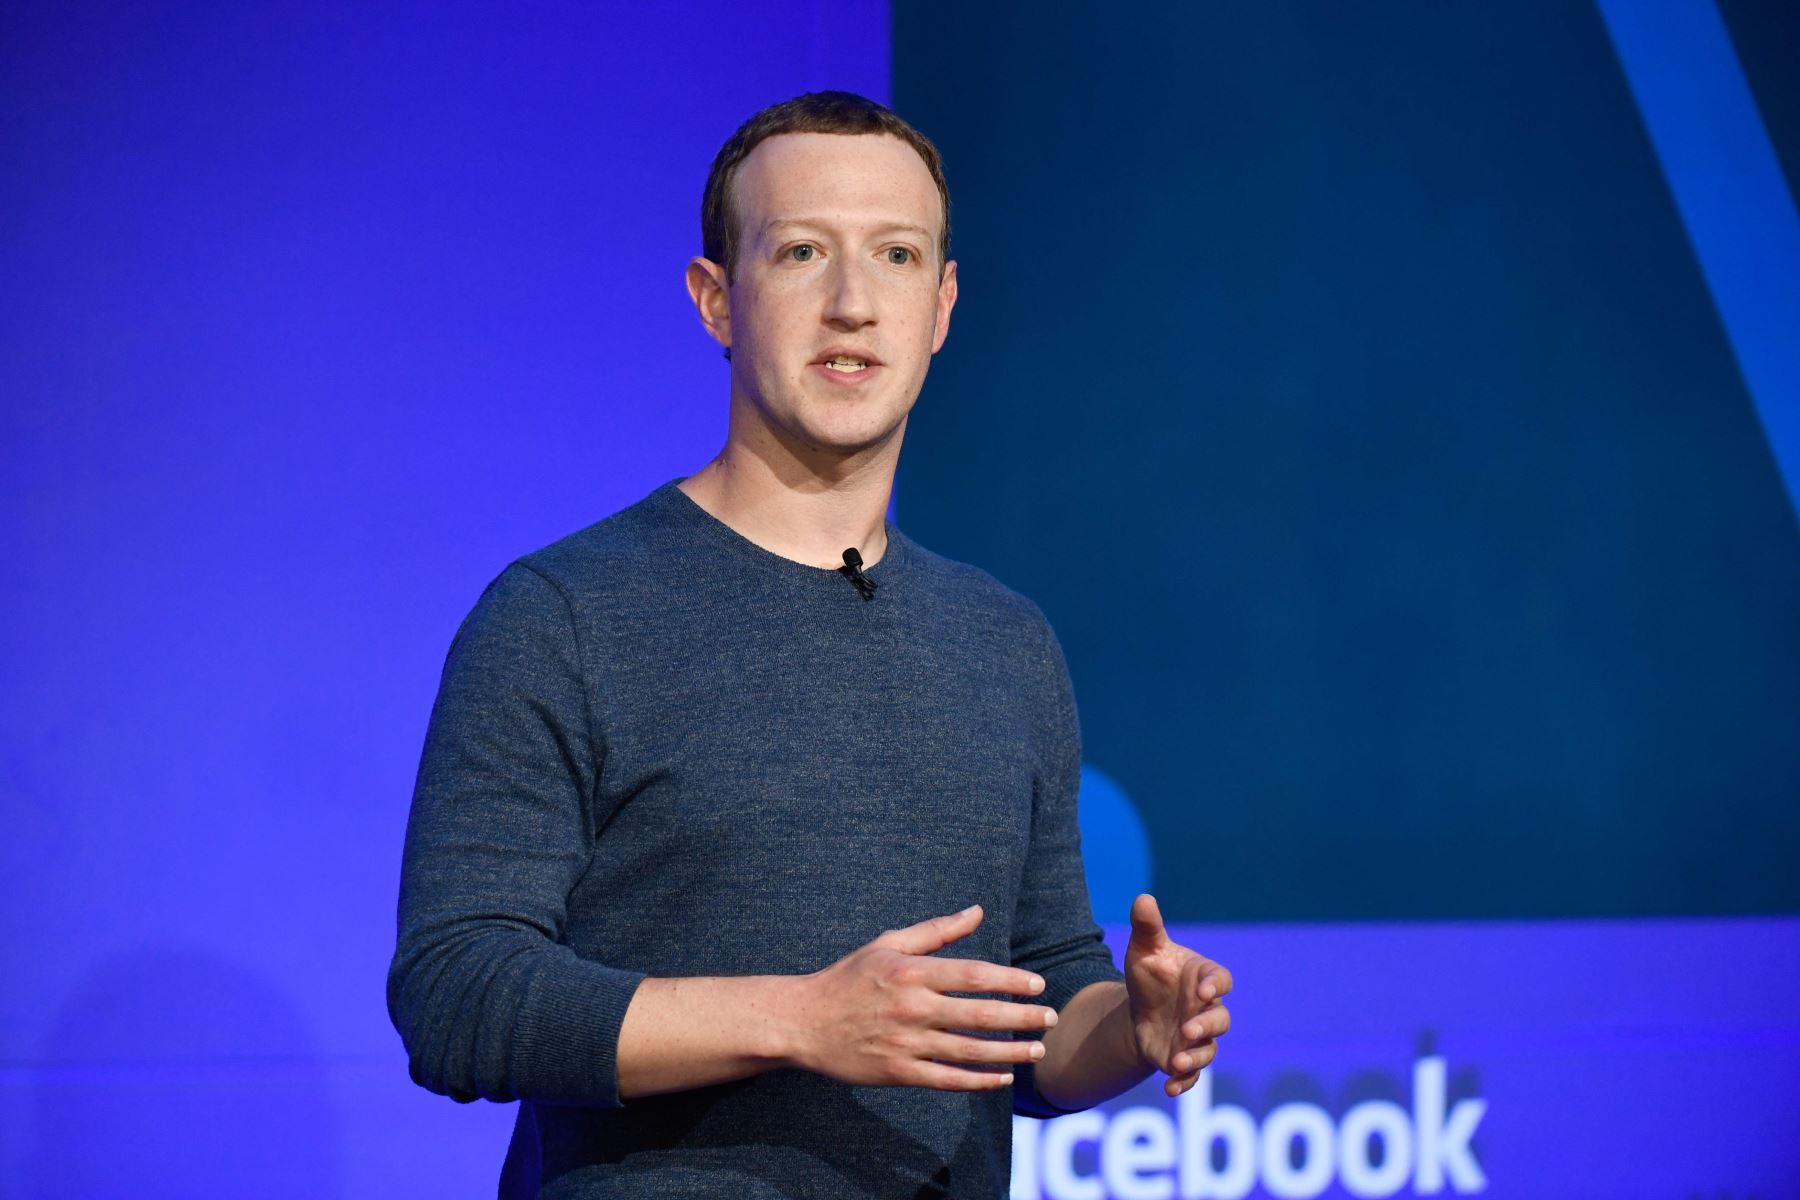 Foto de archivo tomada el 23 de mayo de 2018, donde el CEO de Facebook, Mark Zuckerberg, habla durante una conferencia de prensa en París. Foto: AFP